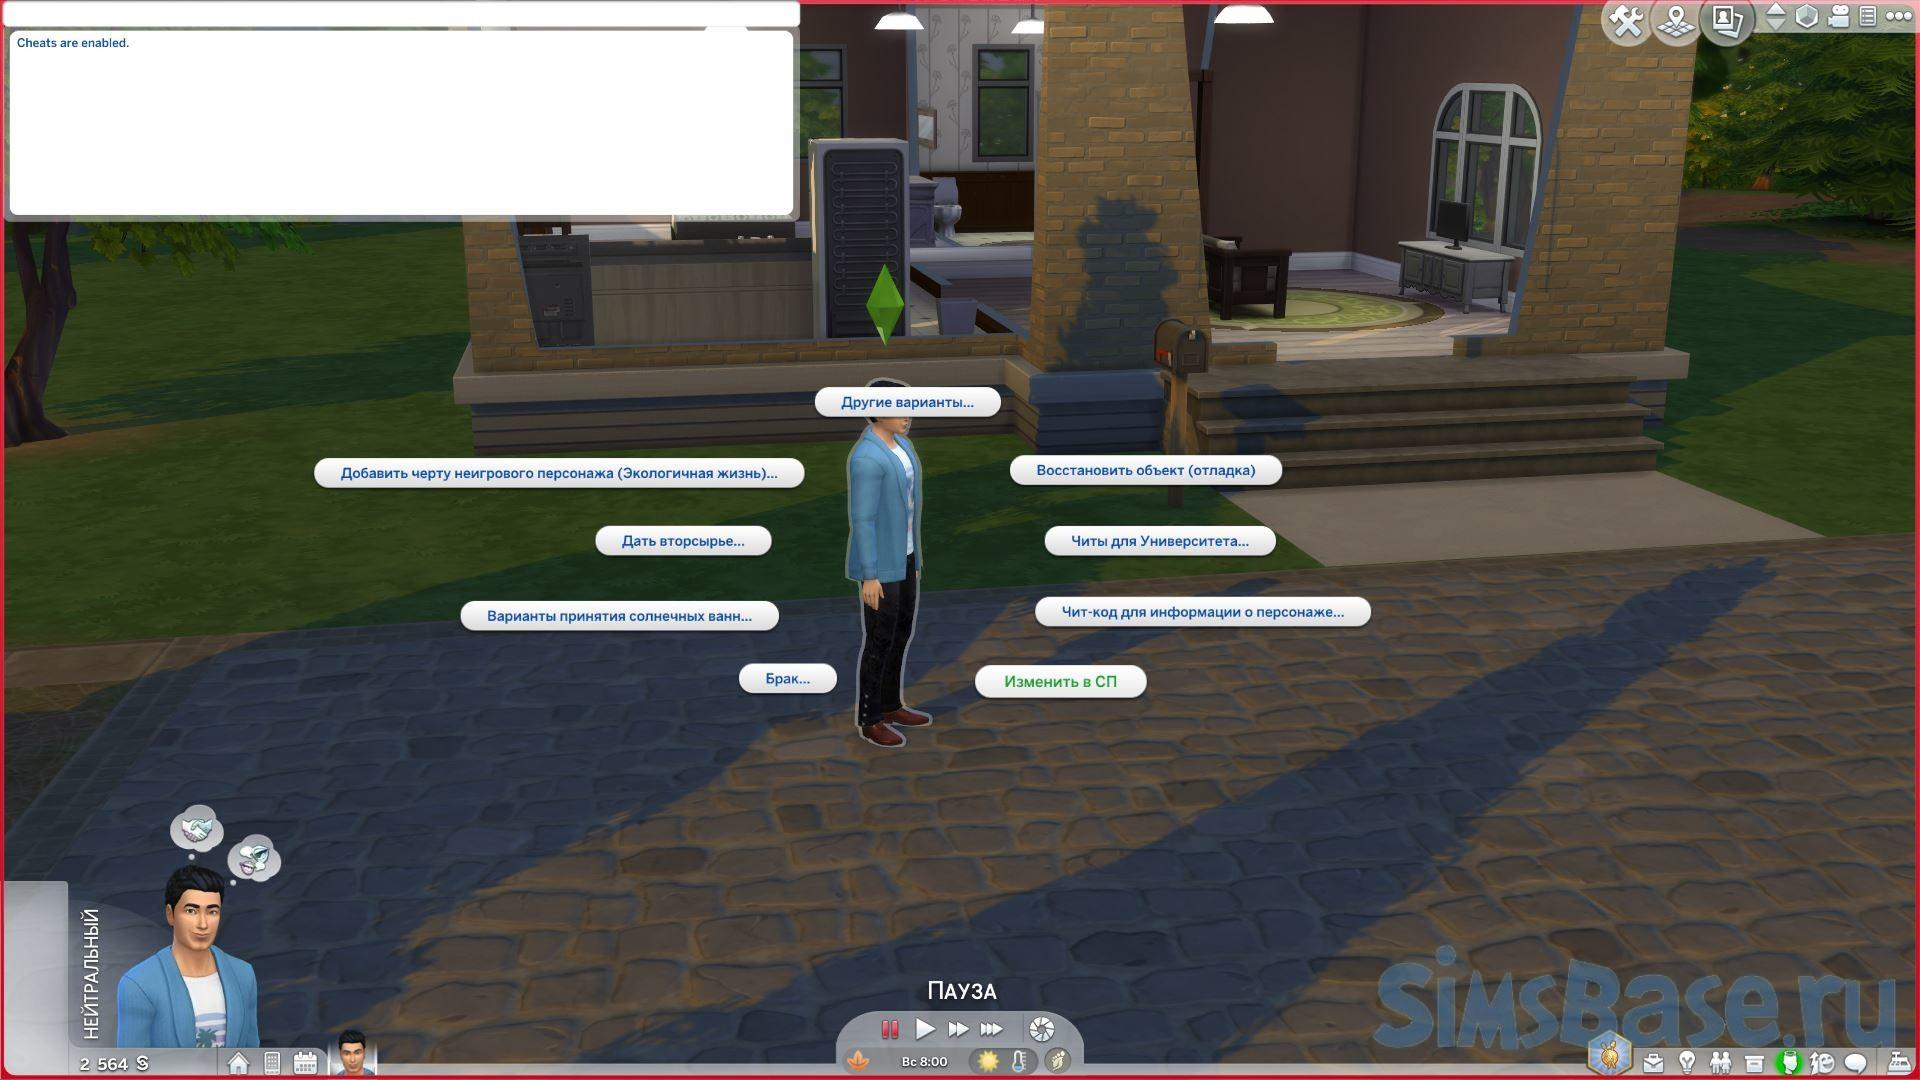 Все три способа как изменить характер в Sims 4